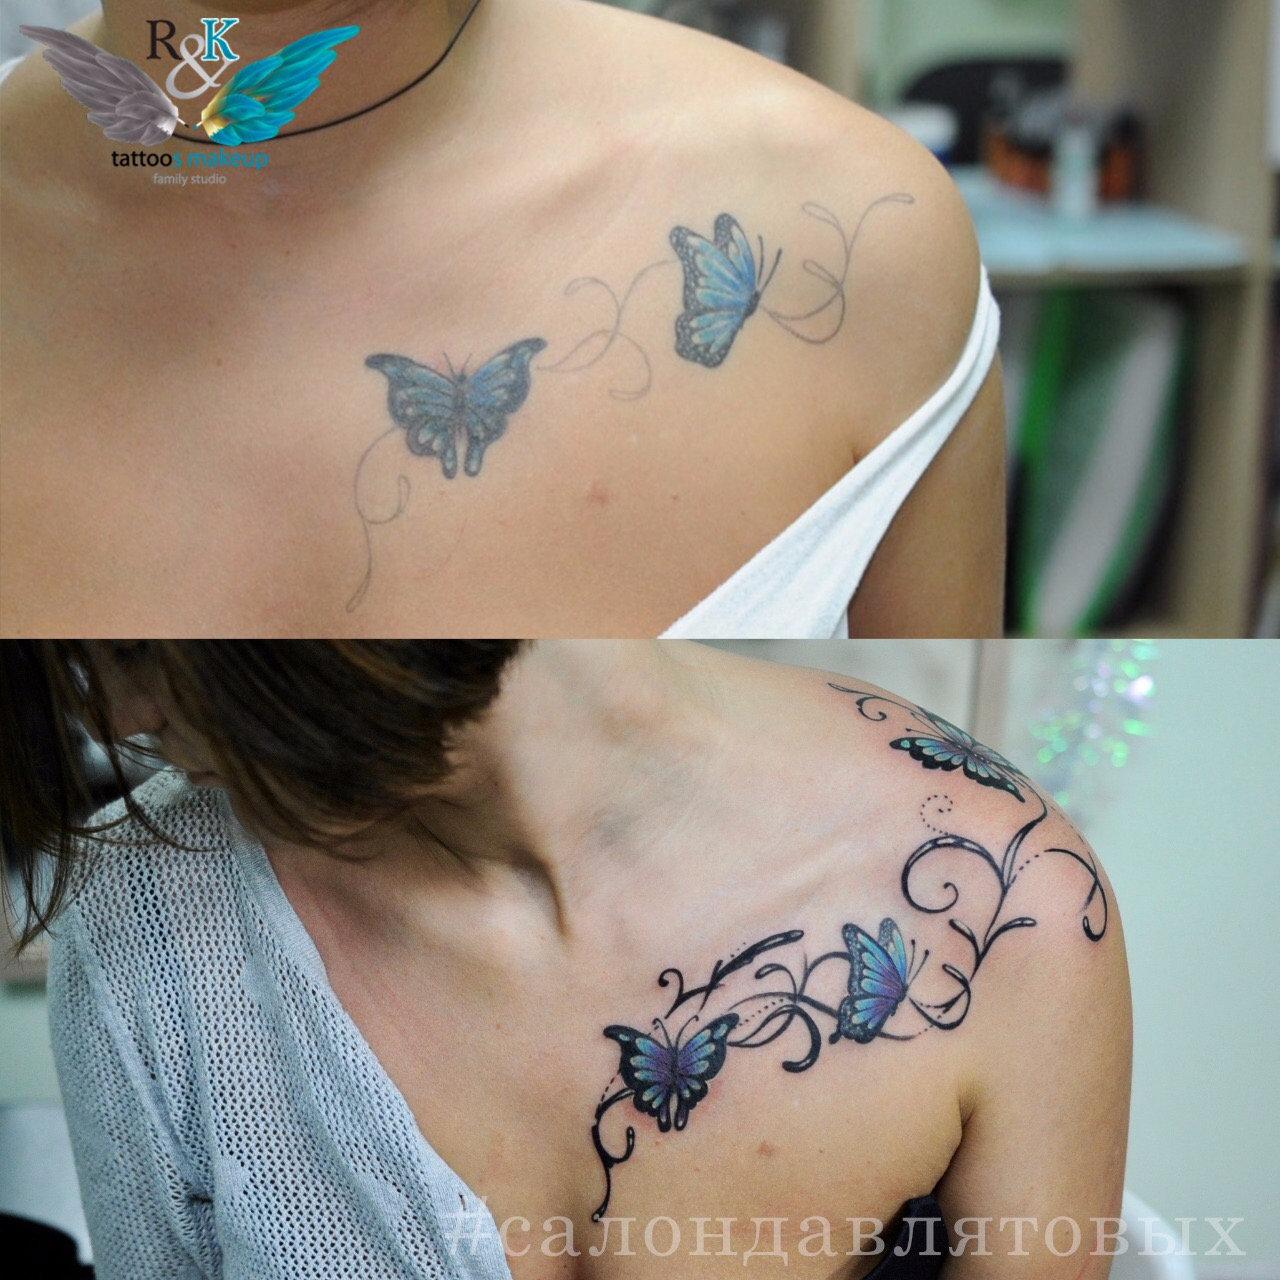 Перекрытие, исправление татуировки.